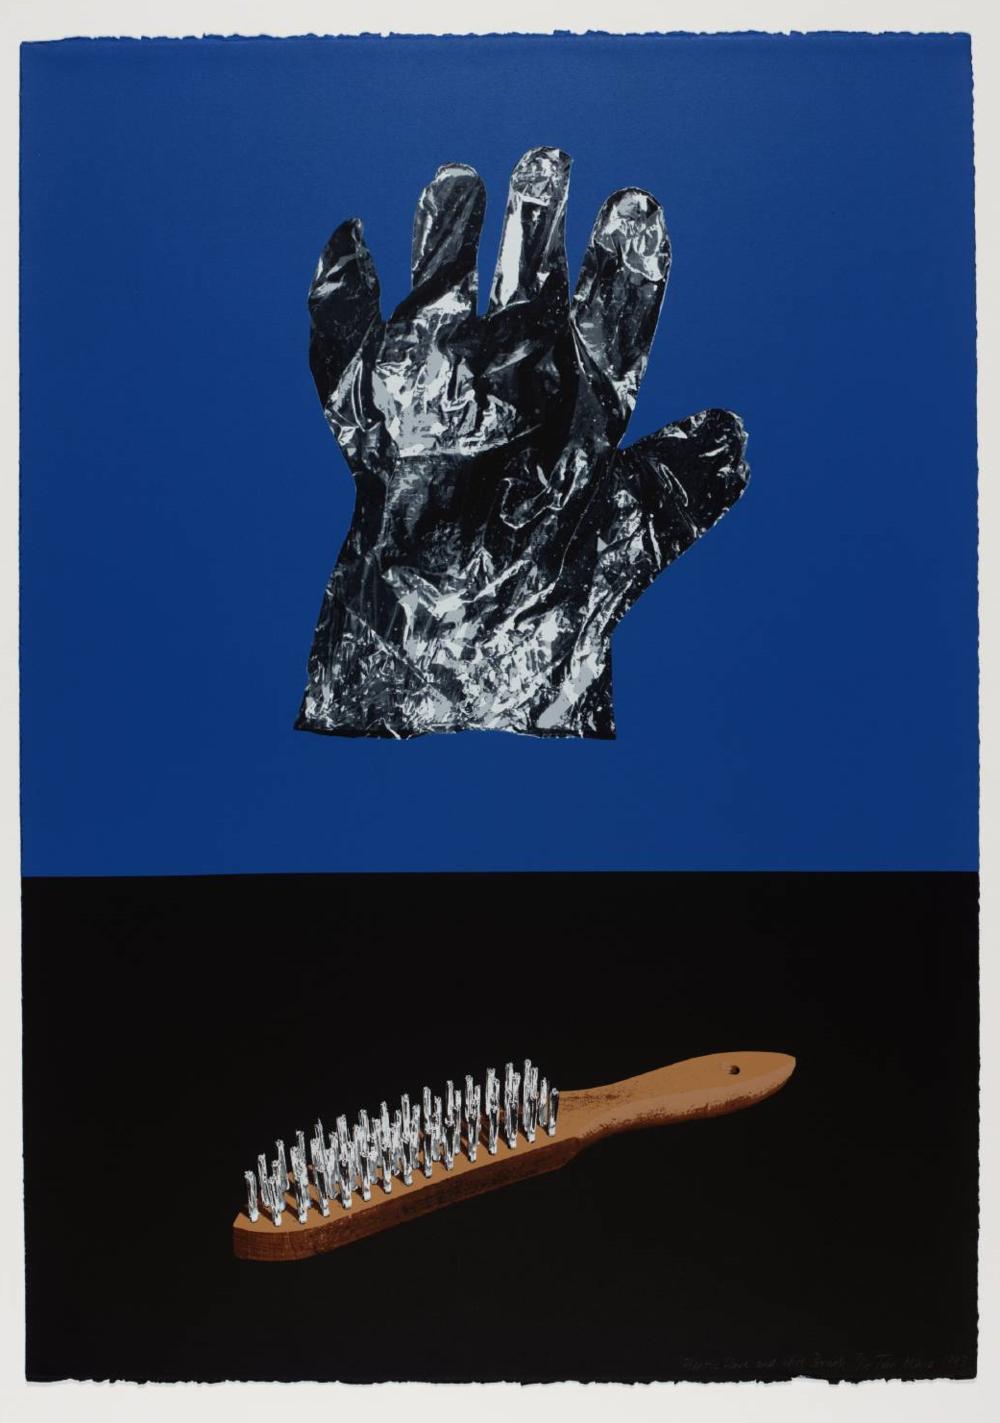 Printmaking genius Tim Mara. Plastic Glove and wire brush. 1993. Screenprint